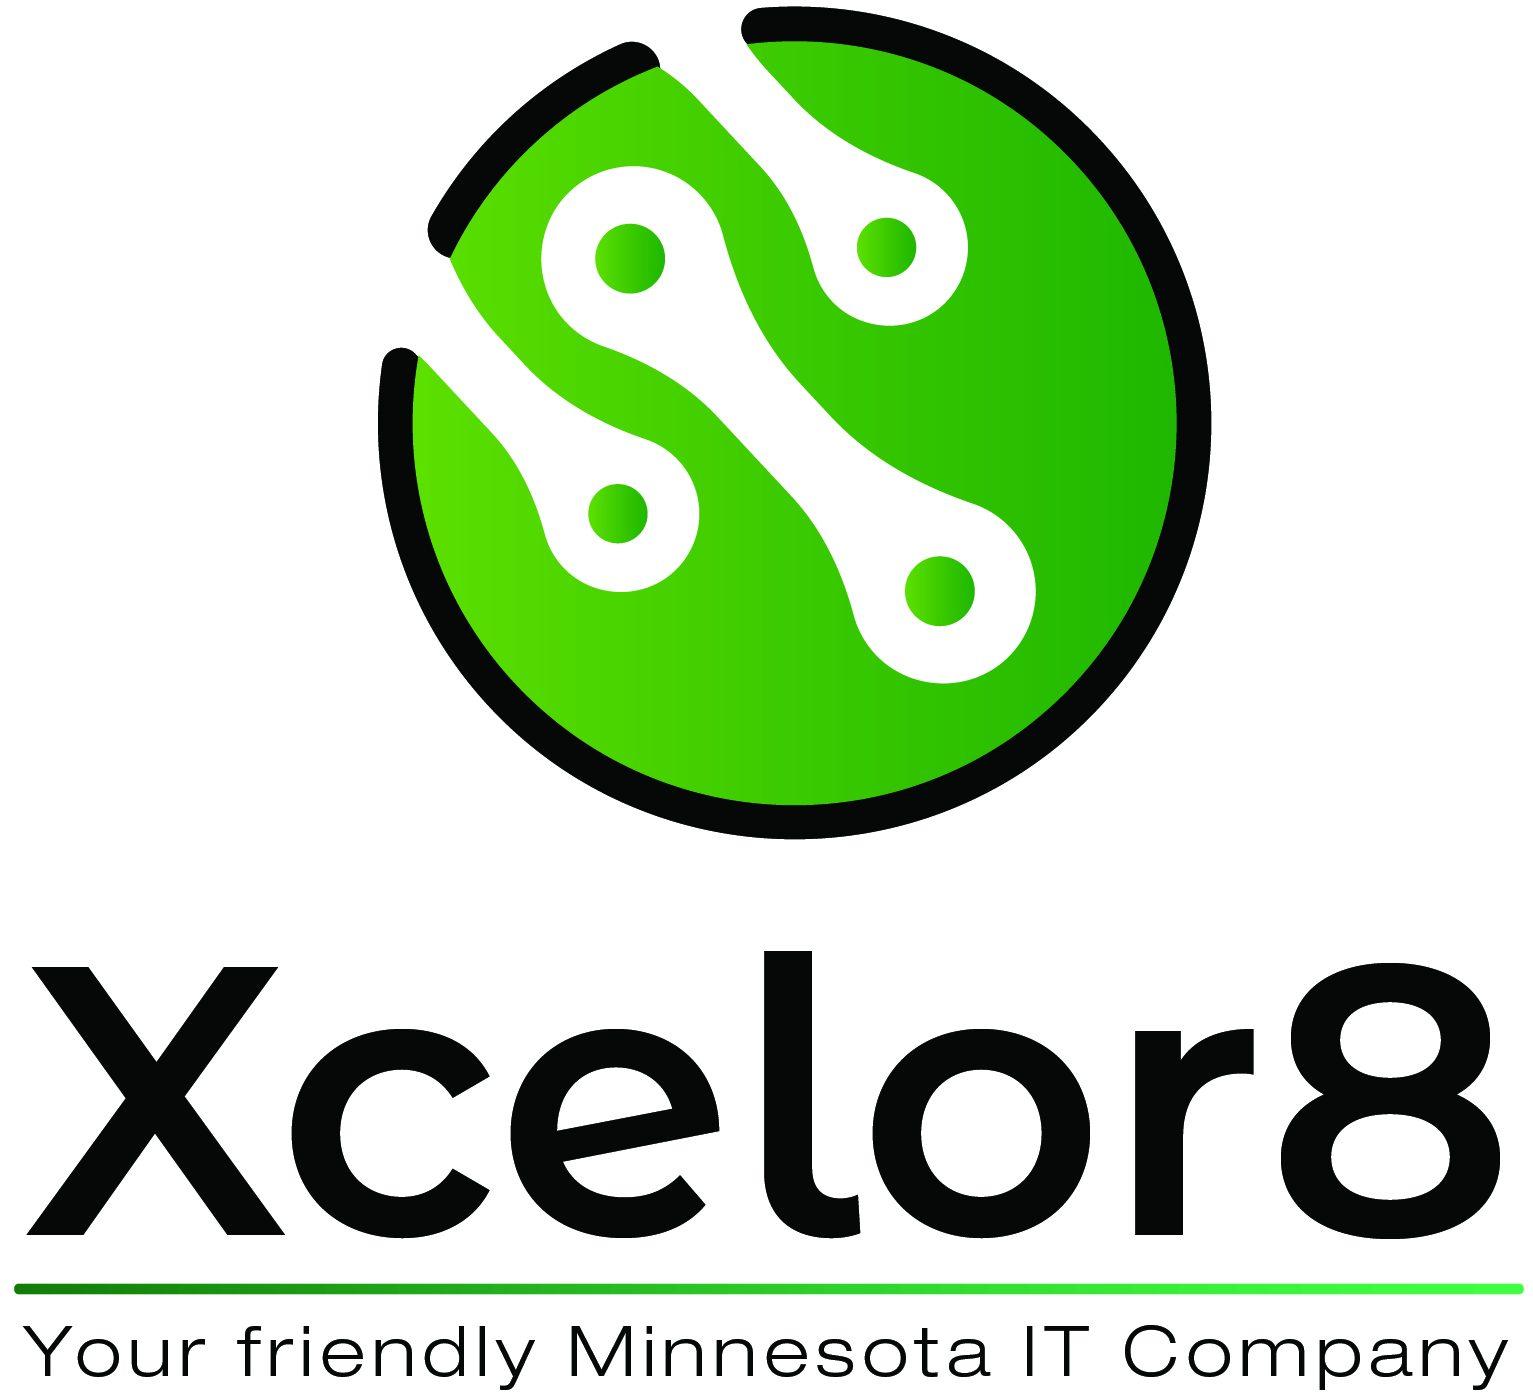 Xcelor8 LLC